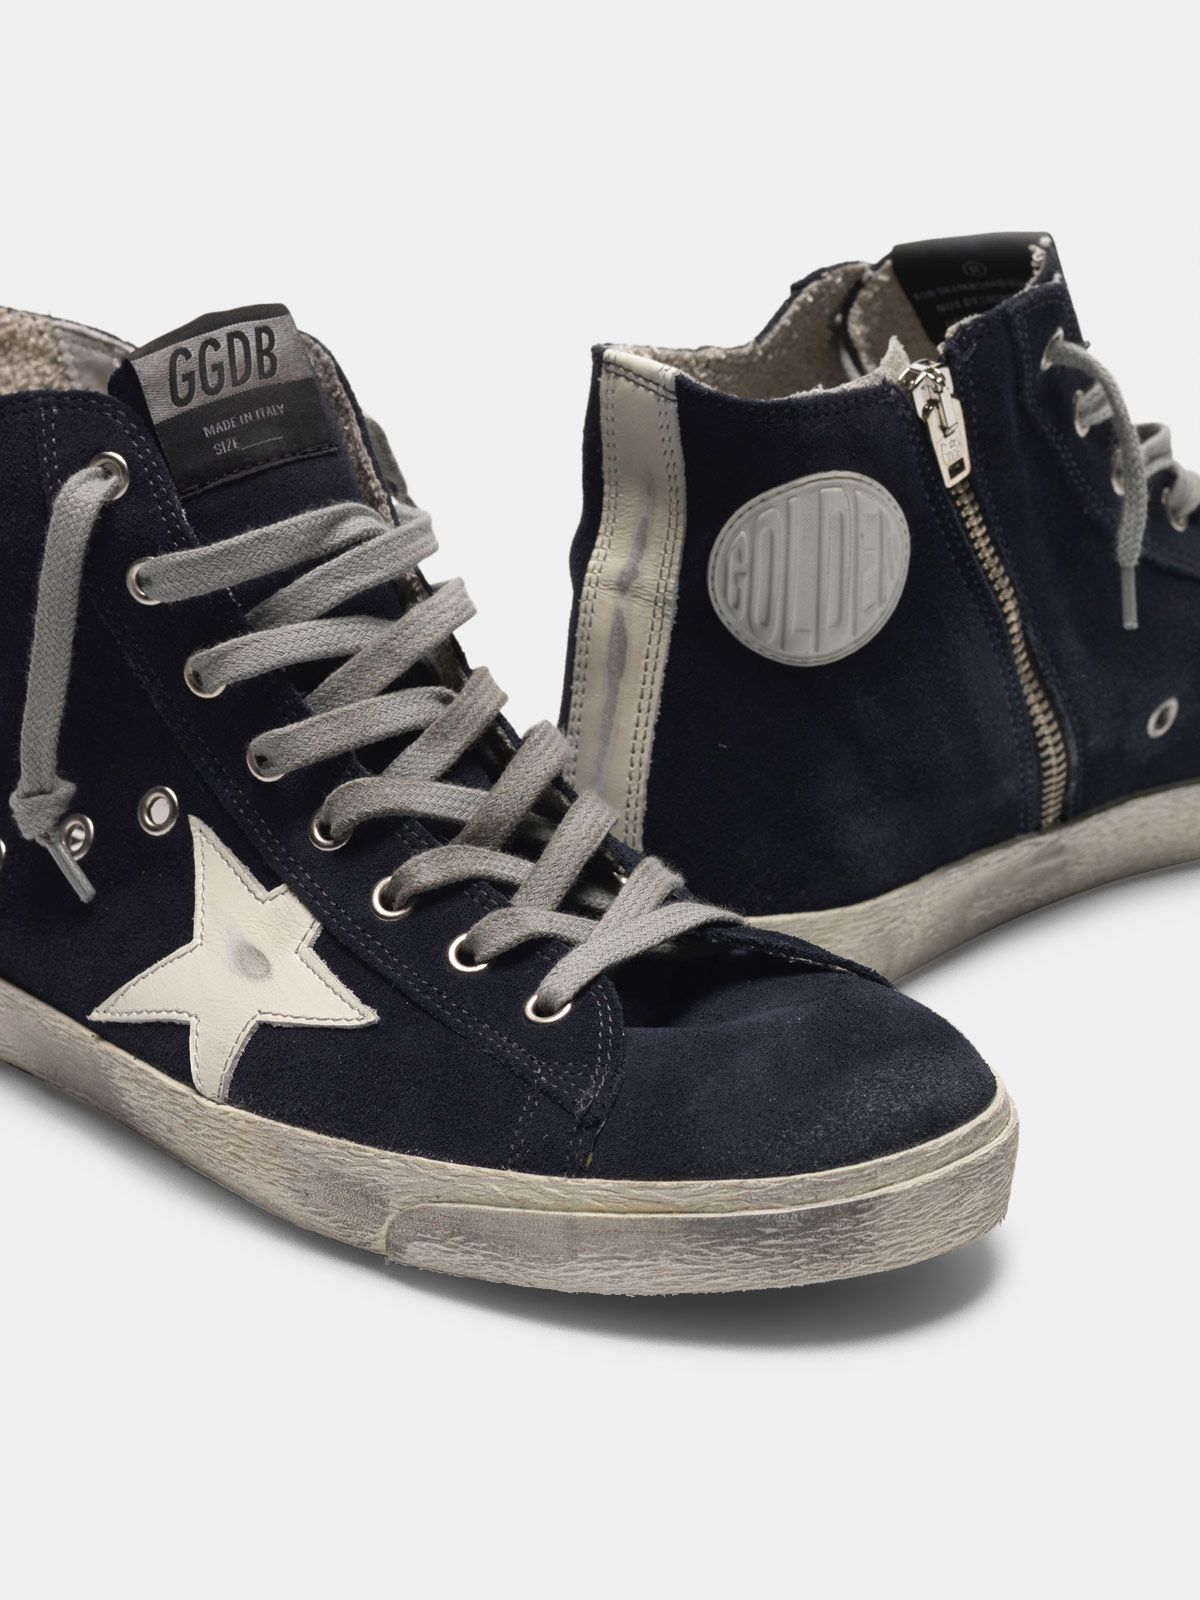 Golden Goose - Sneakers Francy in pelle con stella e talloncino in pelle in